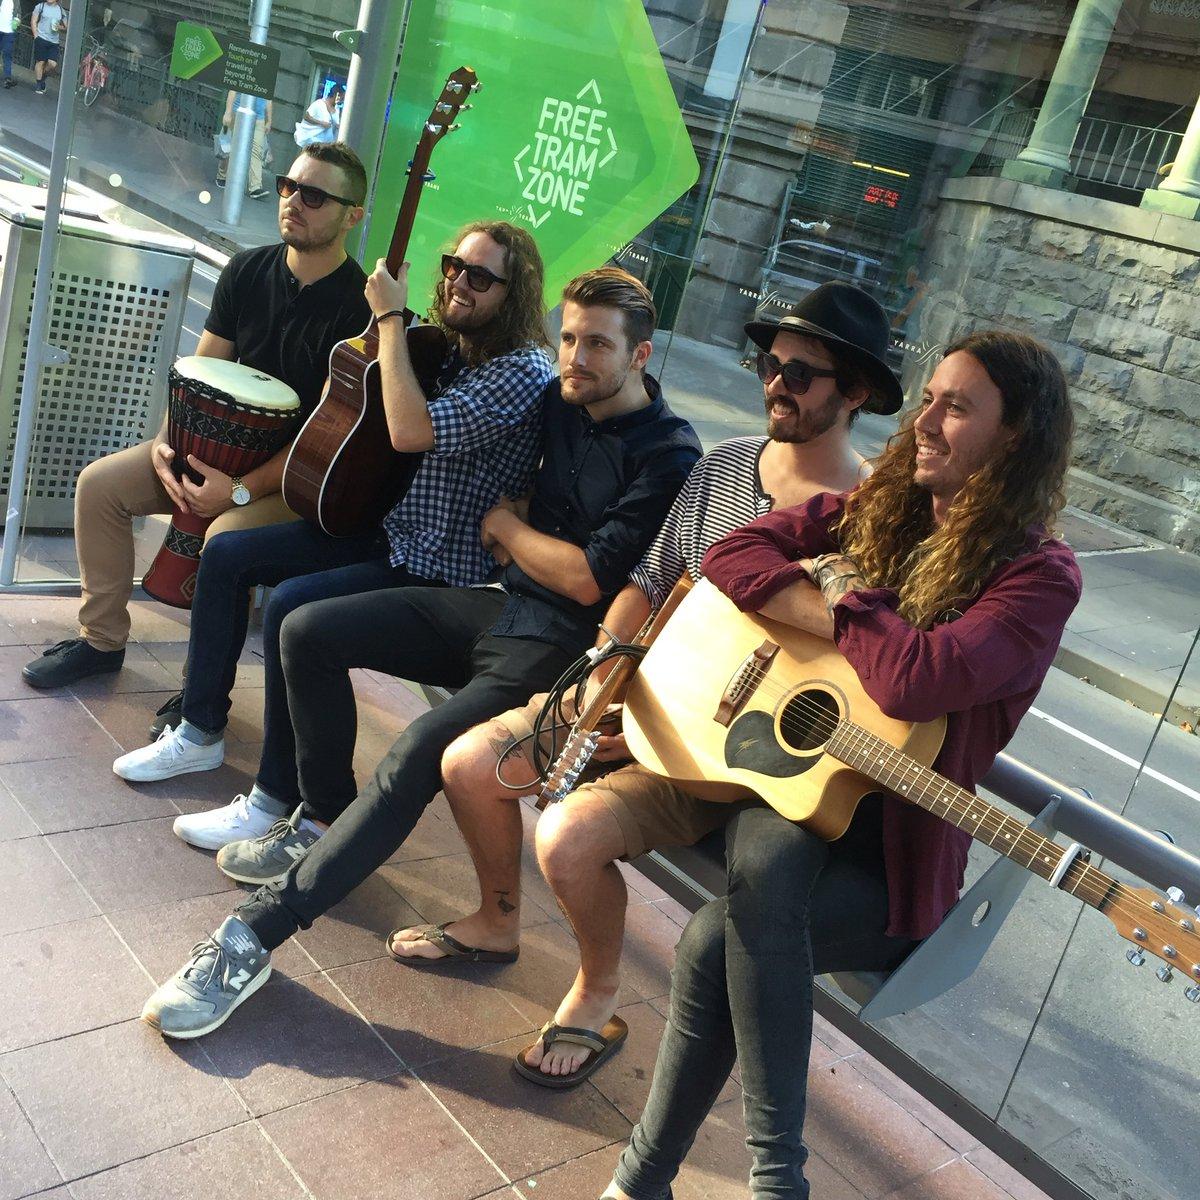 HANDS LIKE HOUSES TRAM SESSION! HELL YEA! @handslikehouses #livemusic #Melbourne https://t.co/fKByhvVz7F